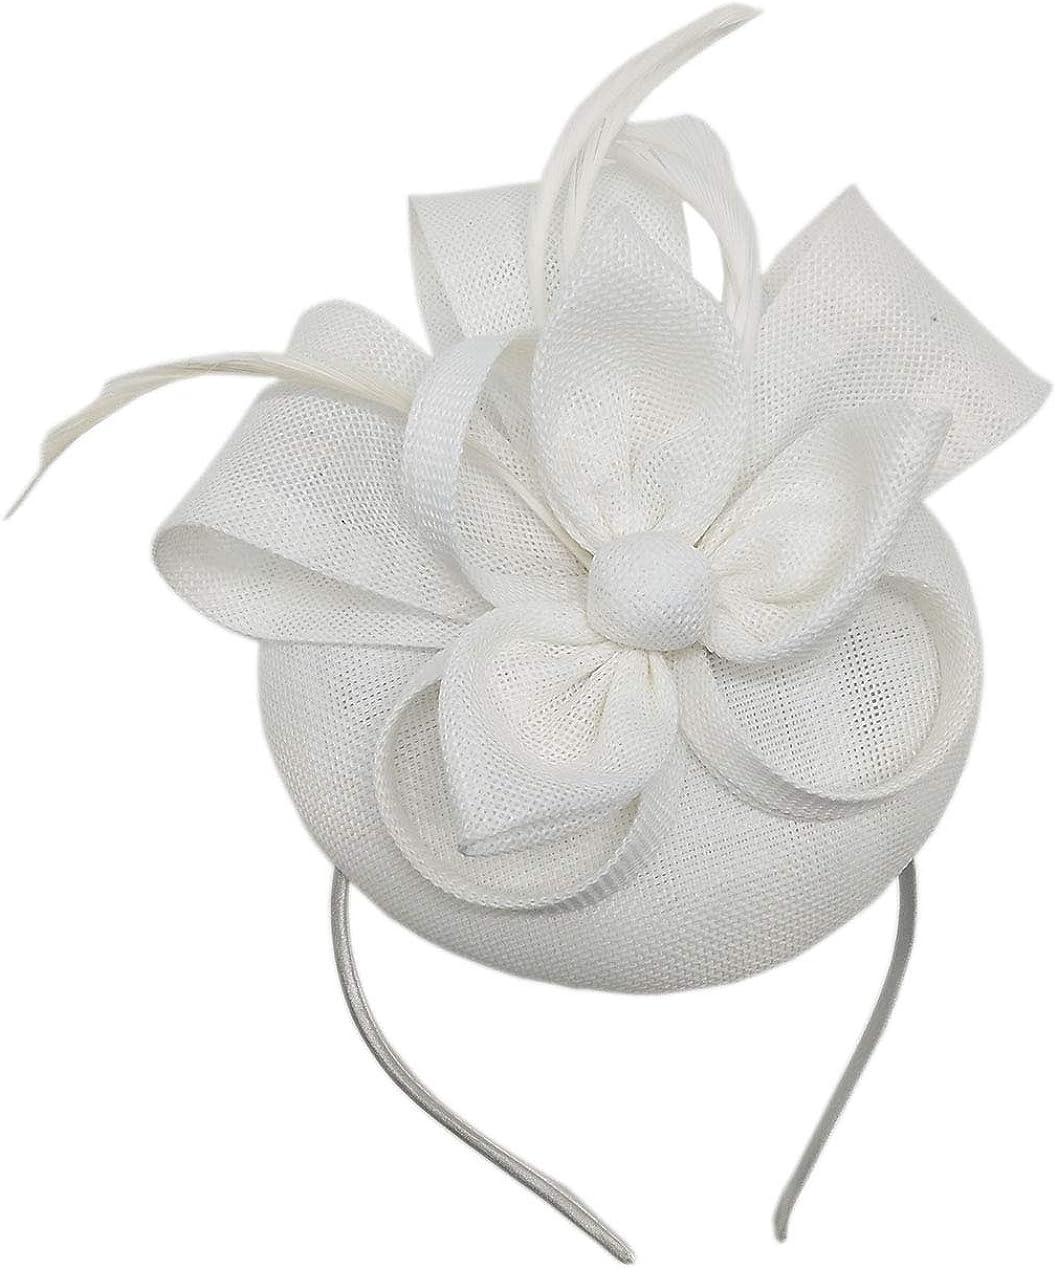 Biruil Fascinators Hat for Women Girls Sinamay Flower Feathers T